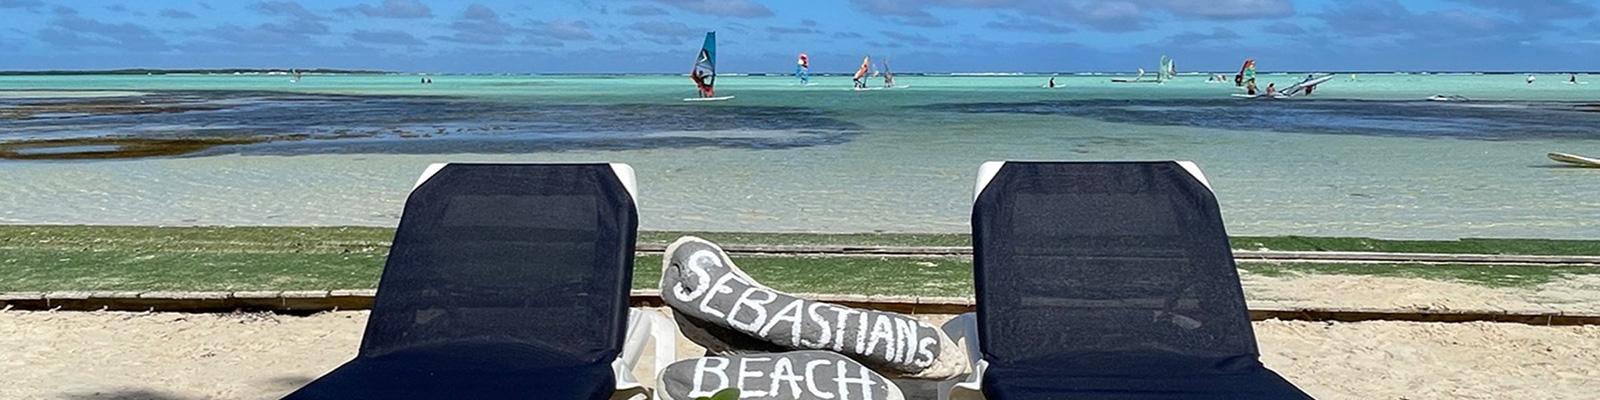 sebastians-beach-bar-restaurant-bonaire-slider-1